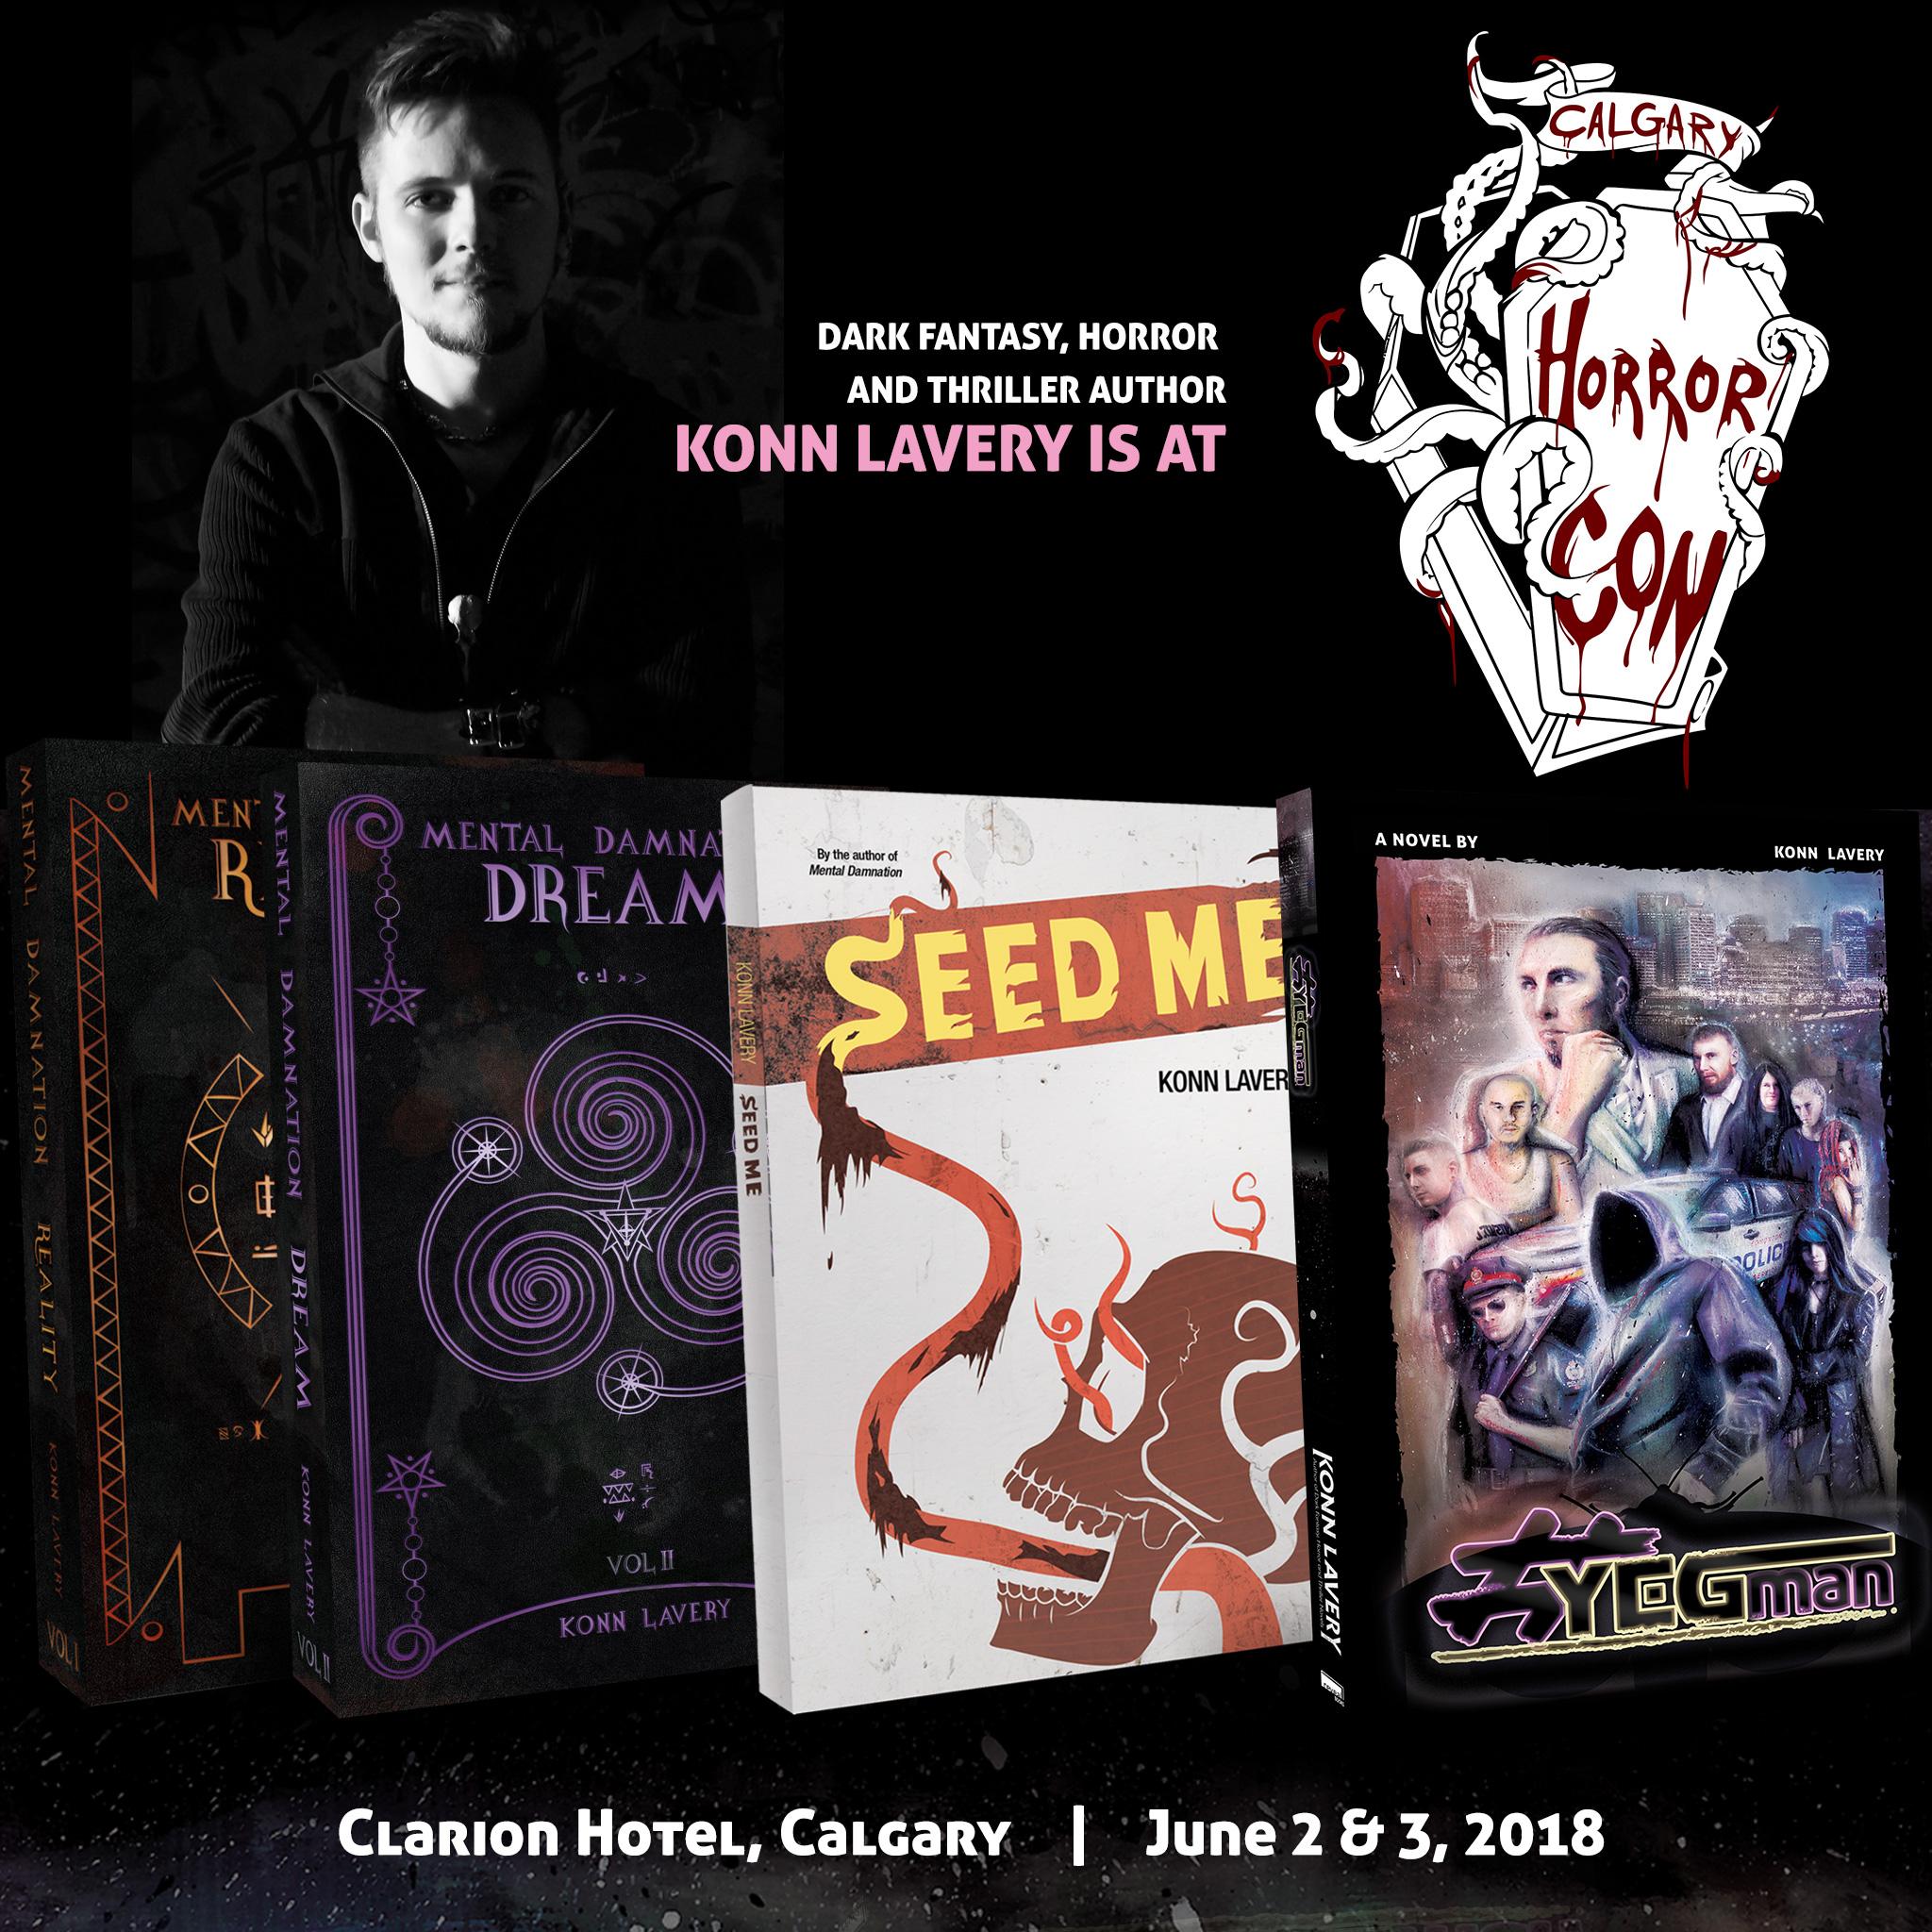 Calgary Horror Con 2018